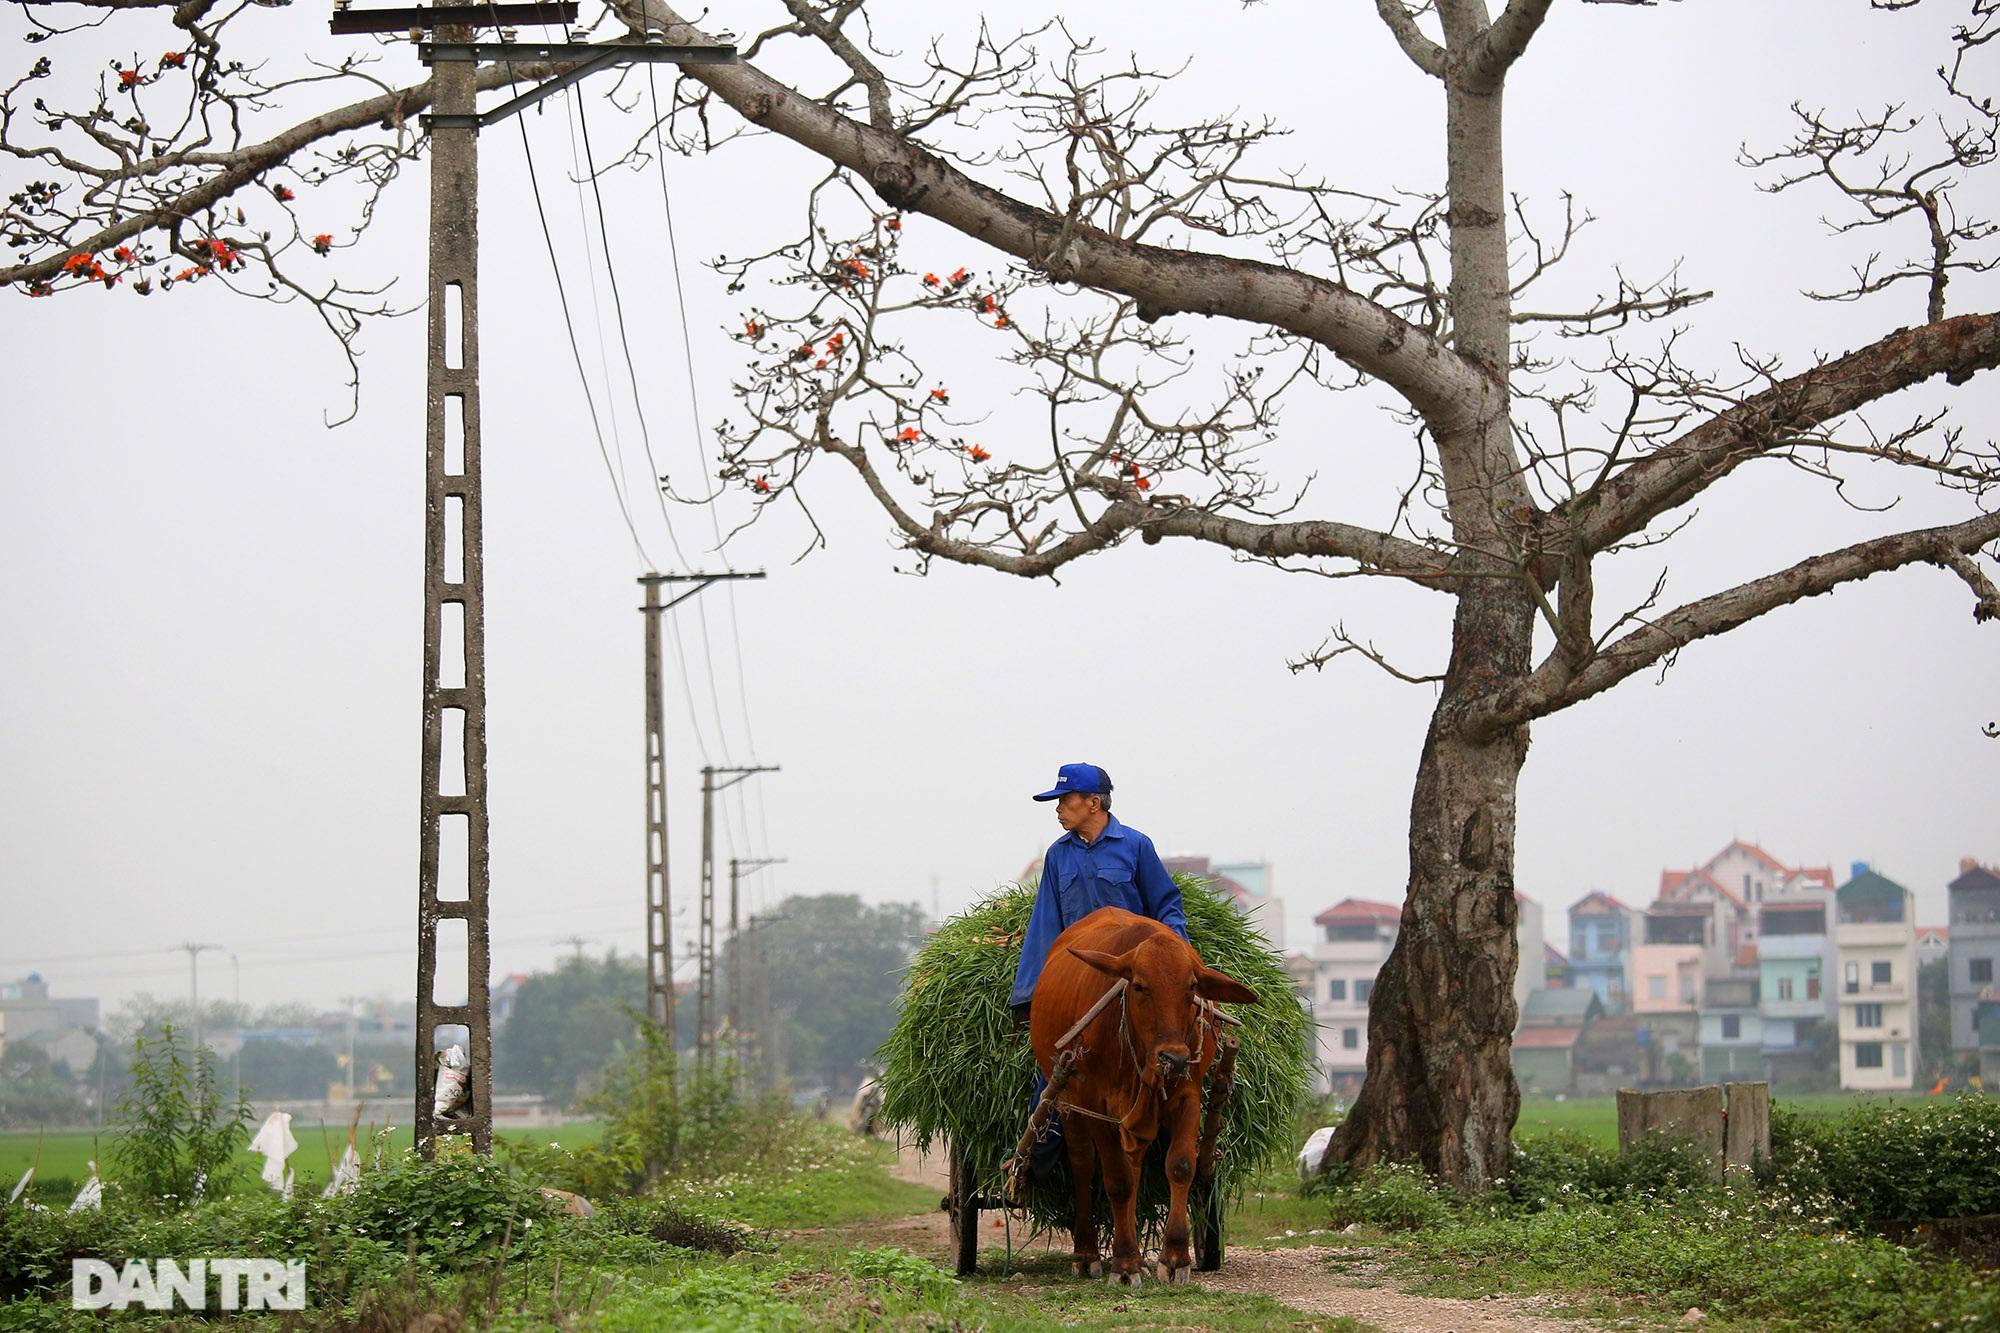 Hoa gạo nở đẹp sâu lắng vùng ngoại thành Hà Nội - 10